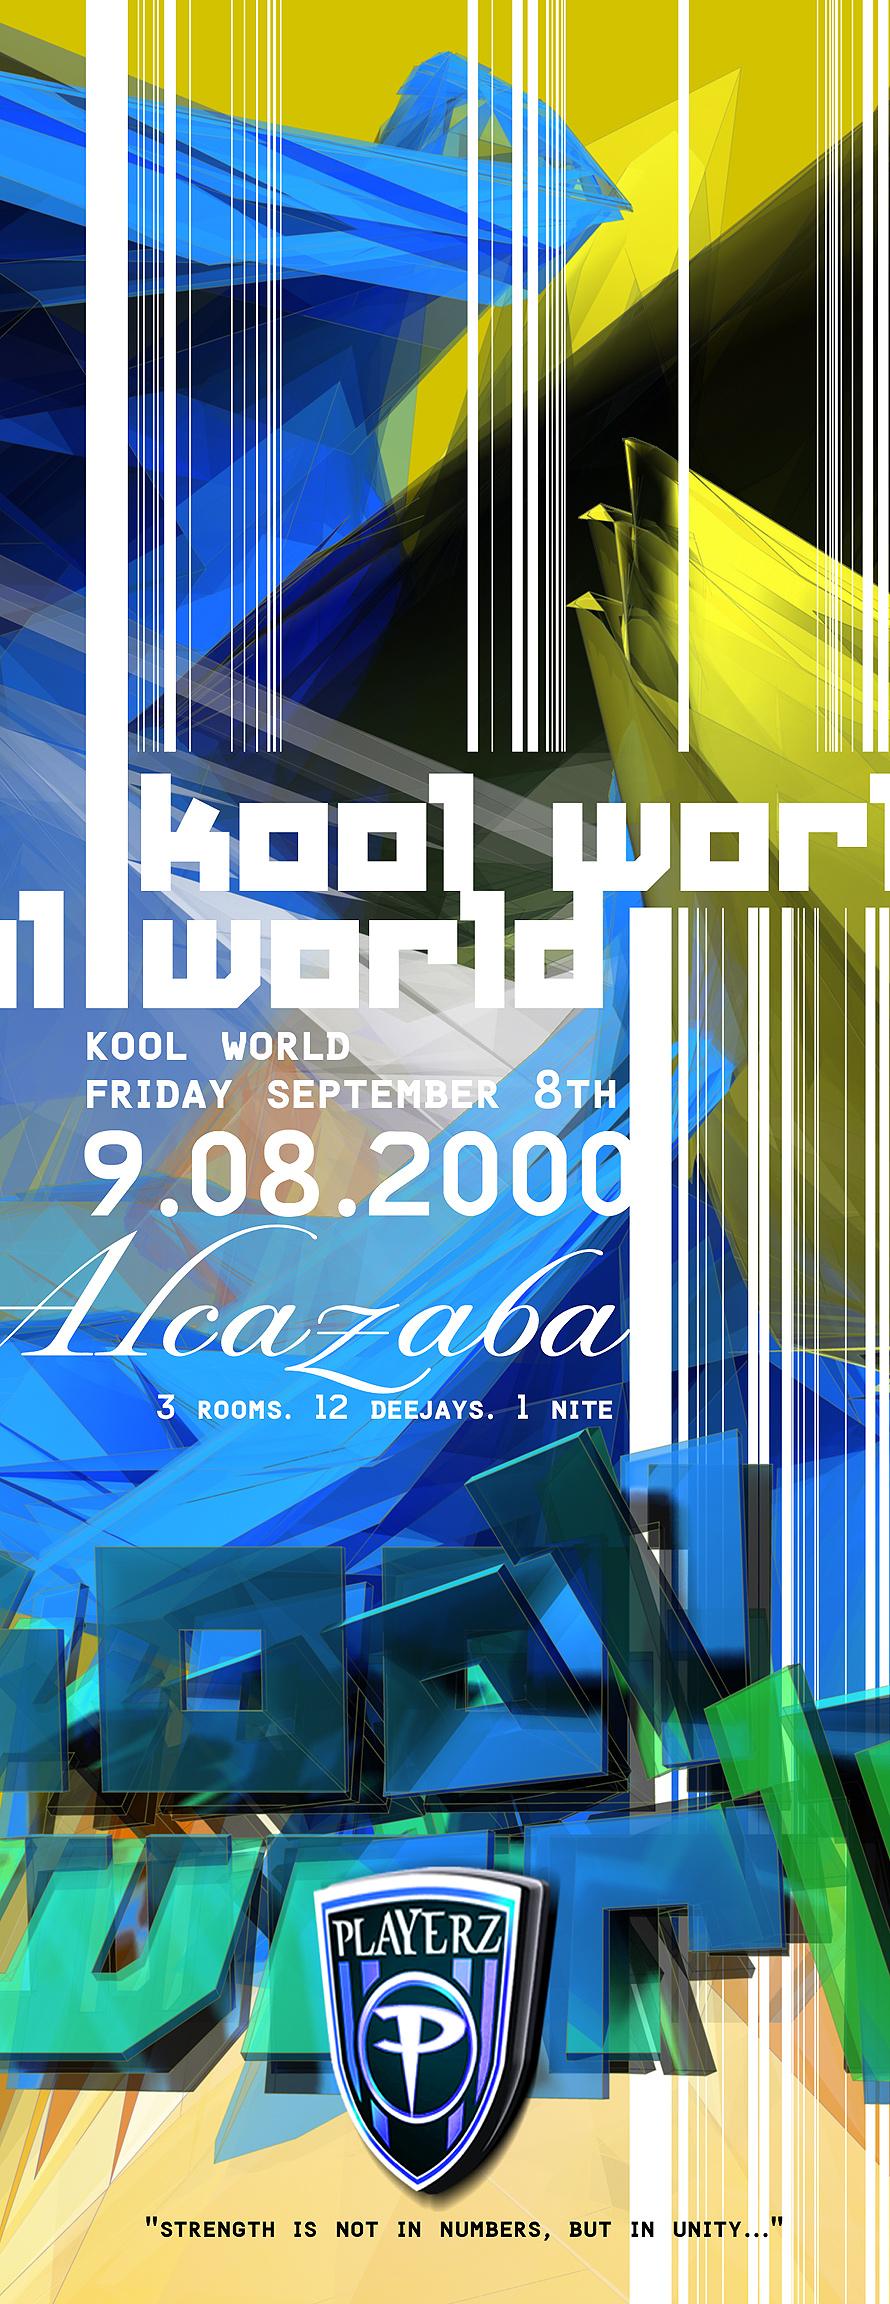 Kool World at Alcazaba